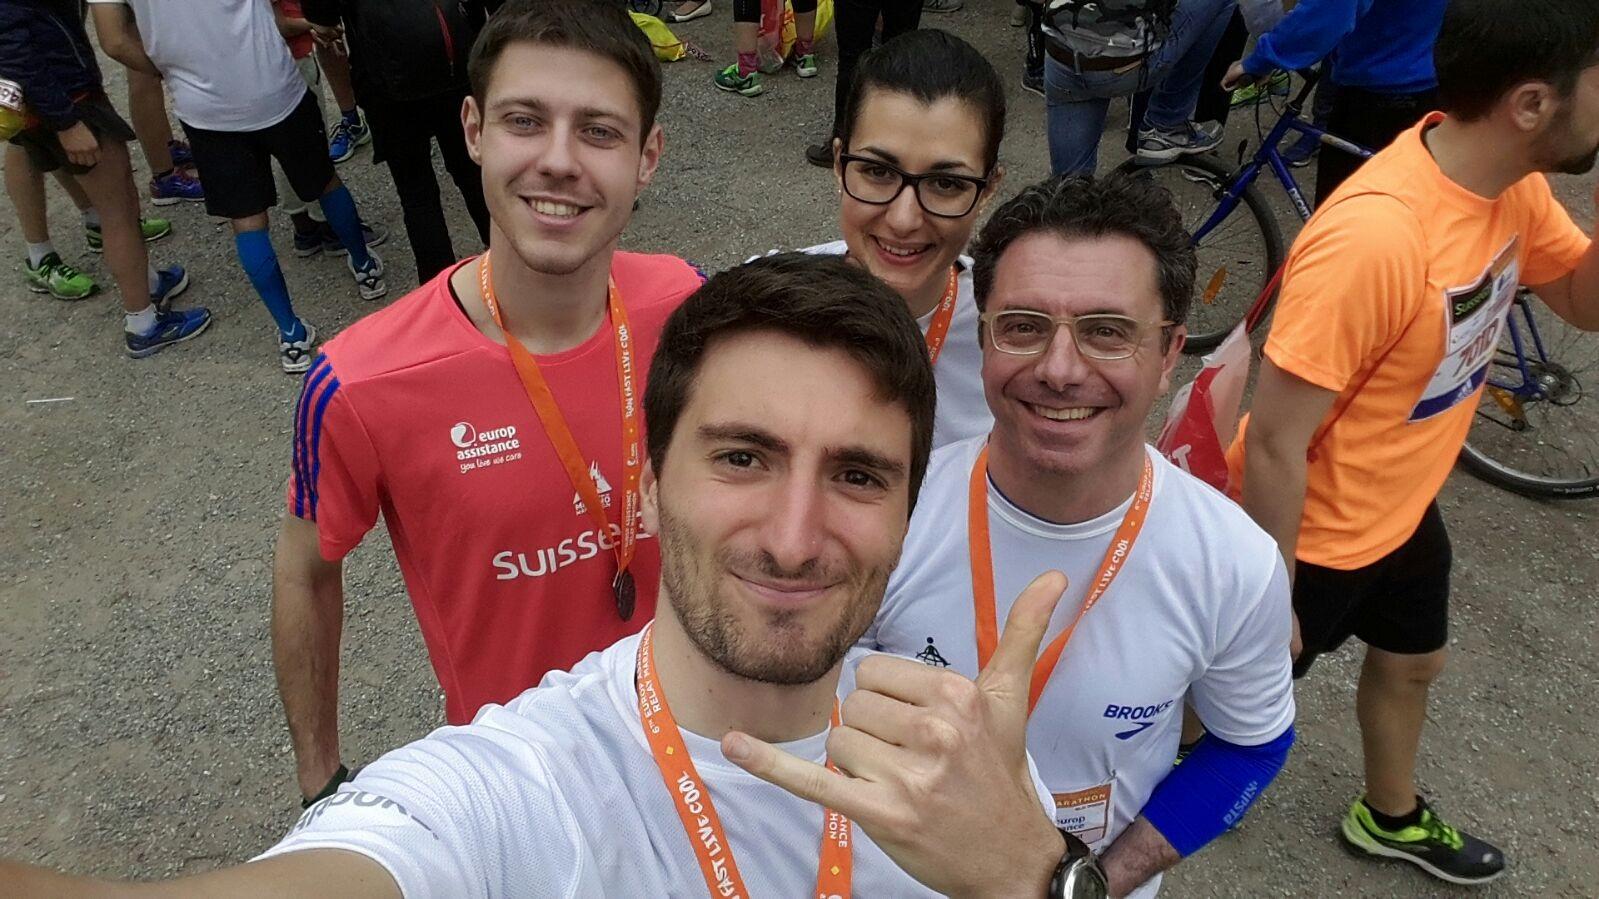 M.A.D.E. for Dynamo-Matteo, Azzurra, Davide ed Ernesto